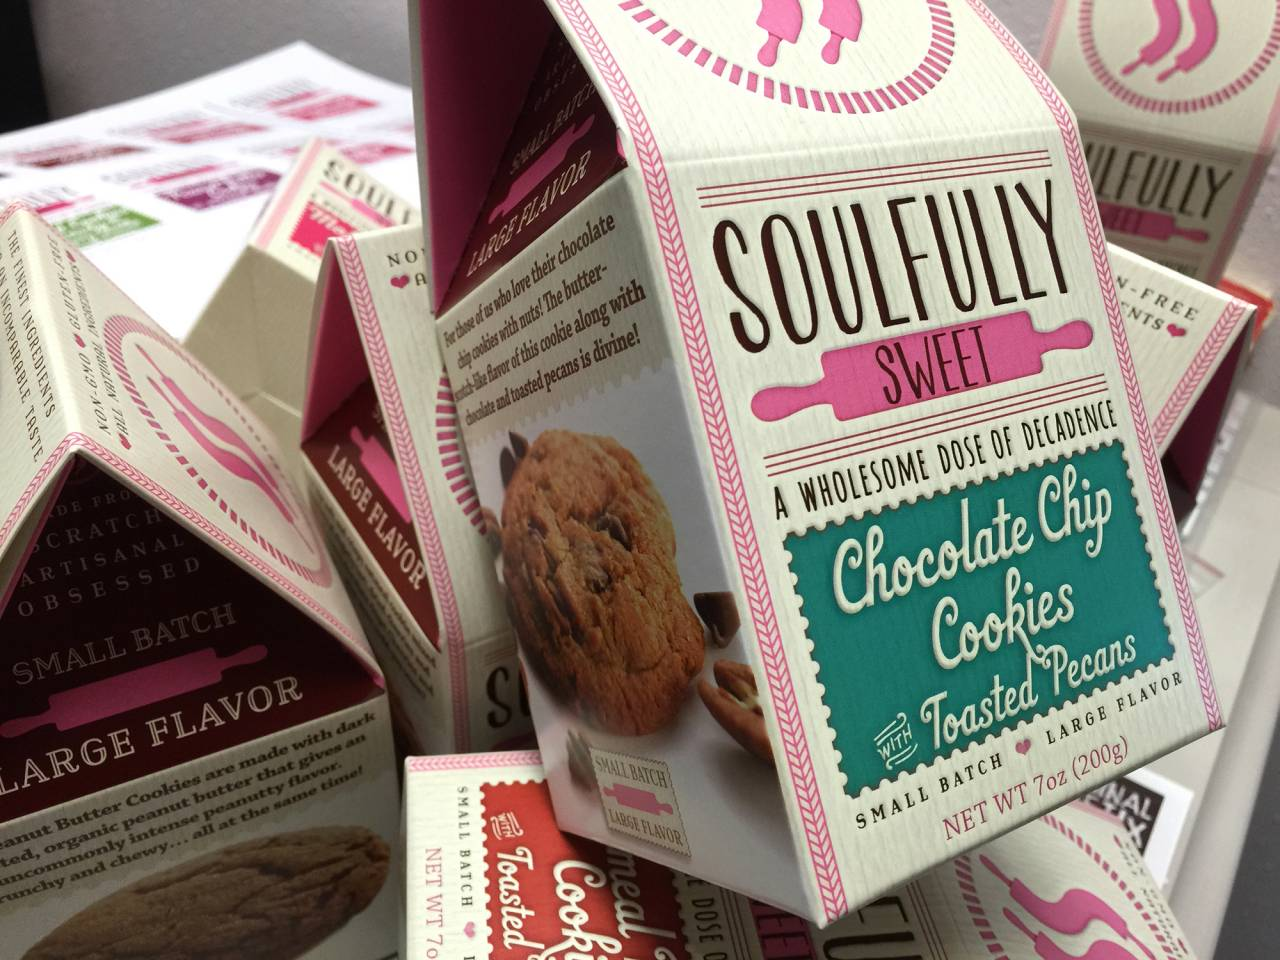 Soulfully Sweet Rebranding -- package design